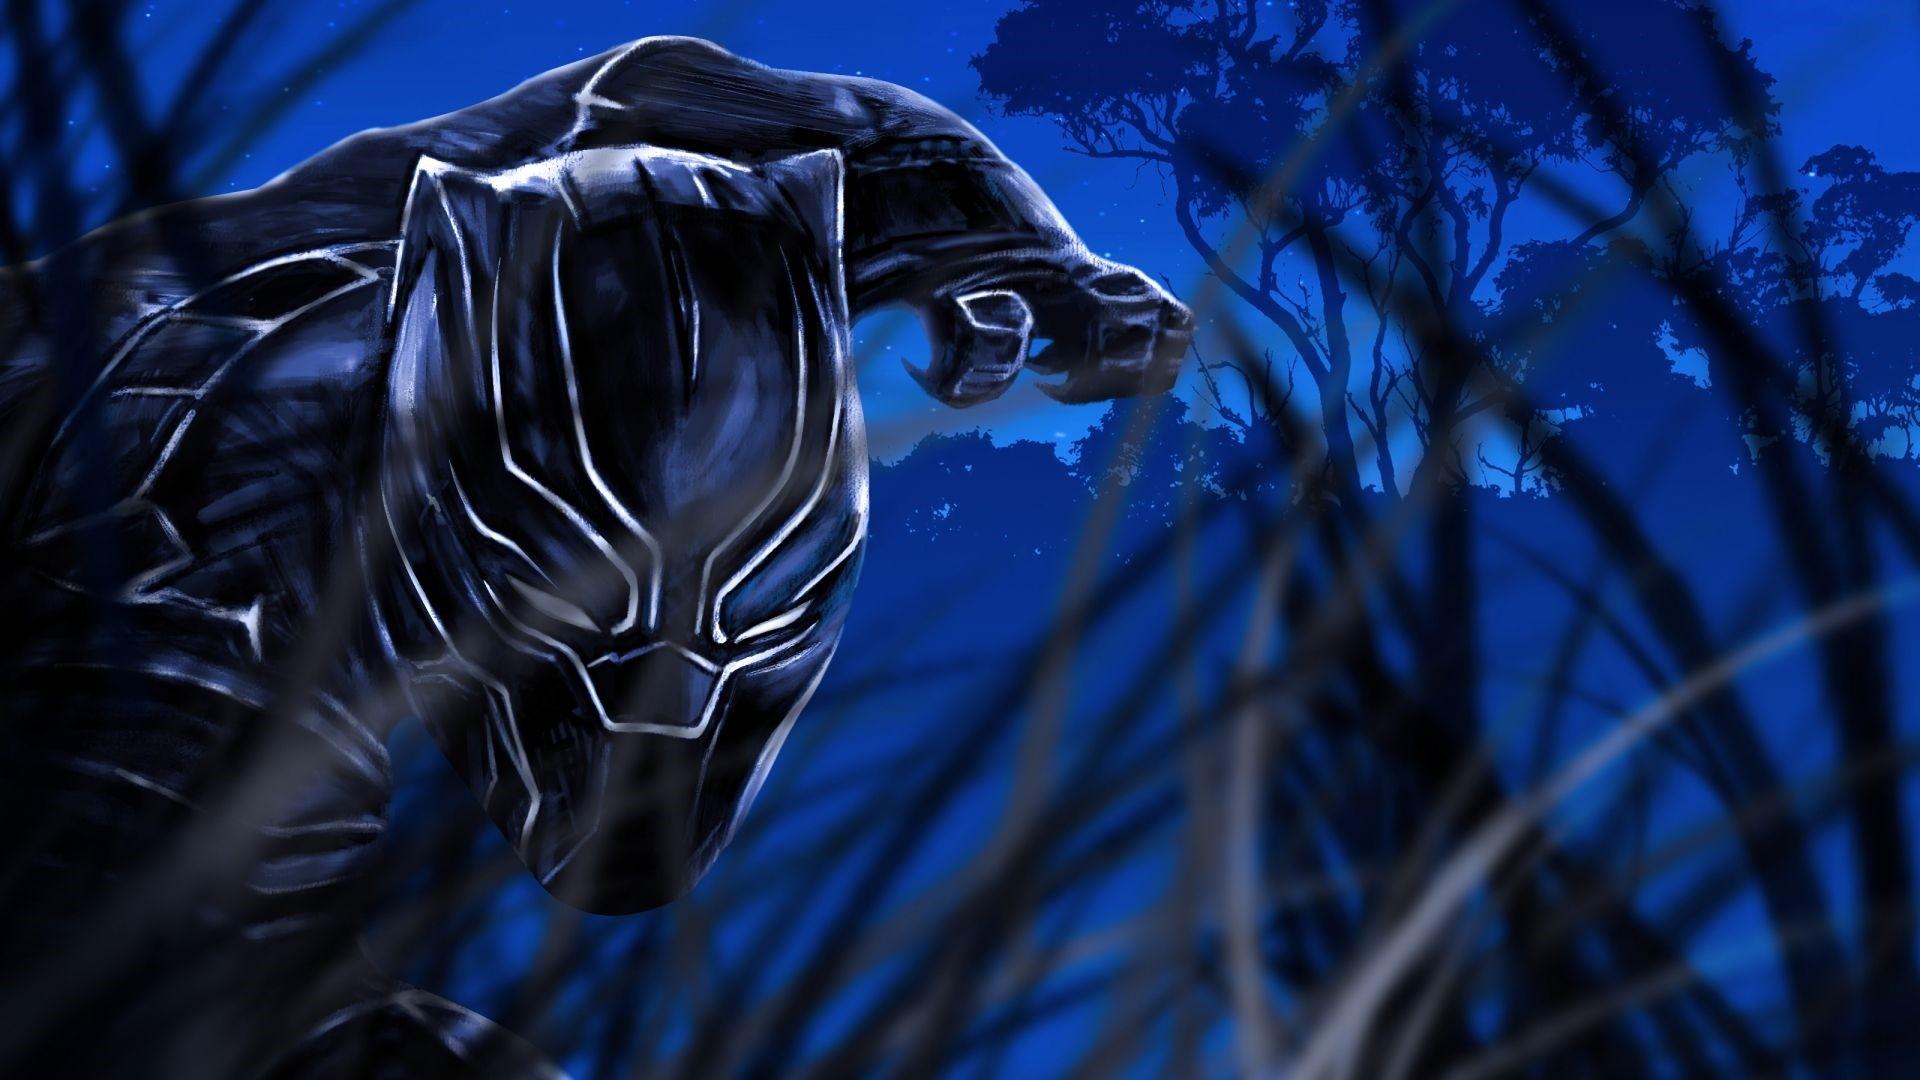 Black Panther Wallpaper image hd